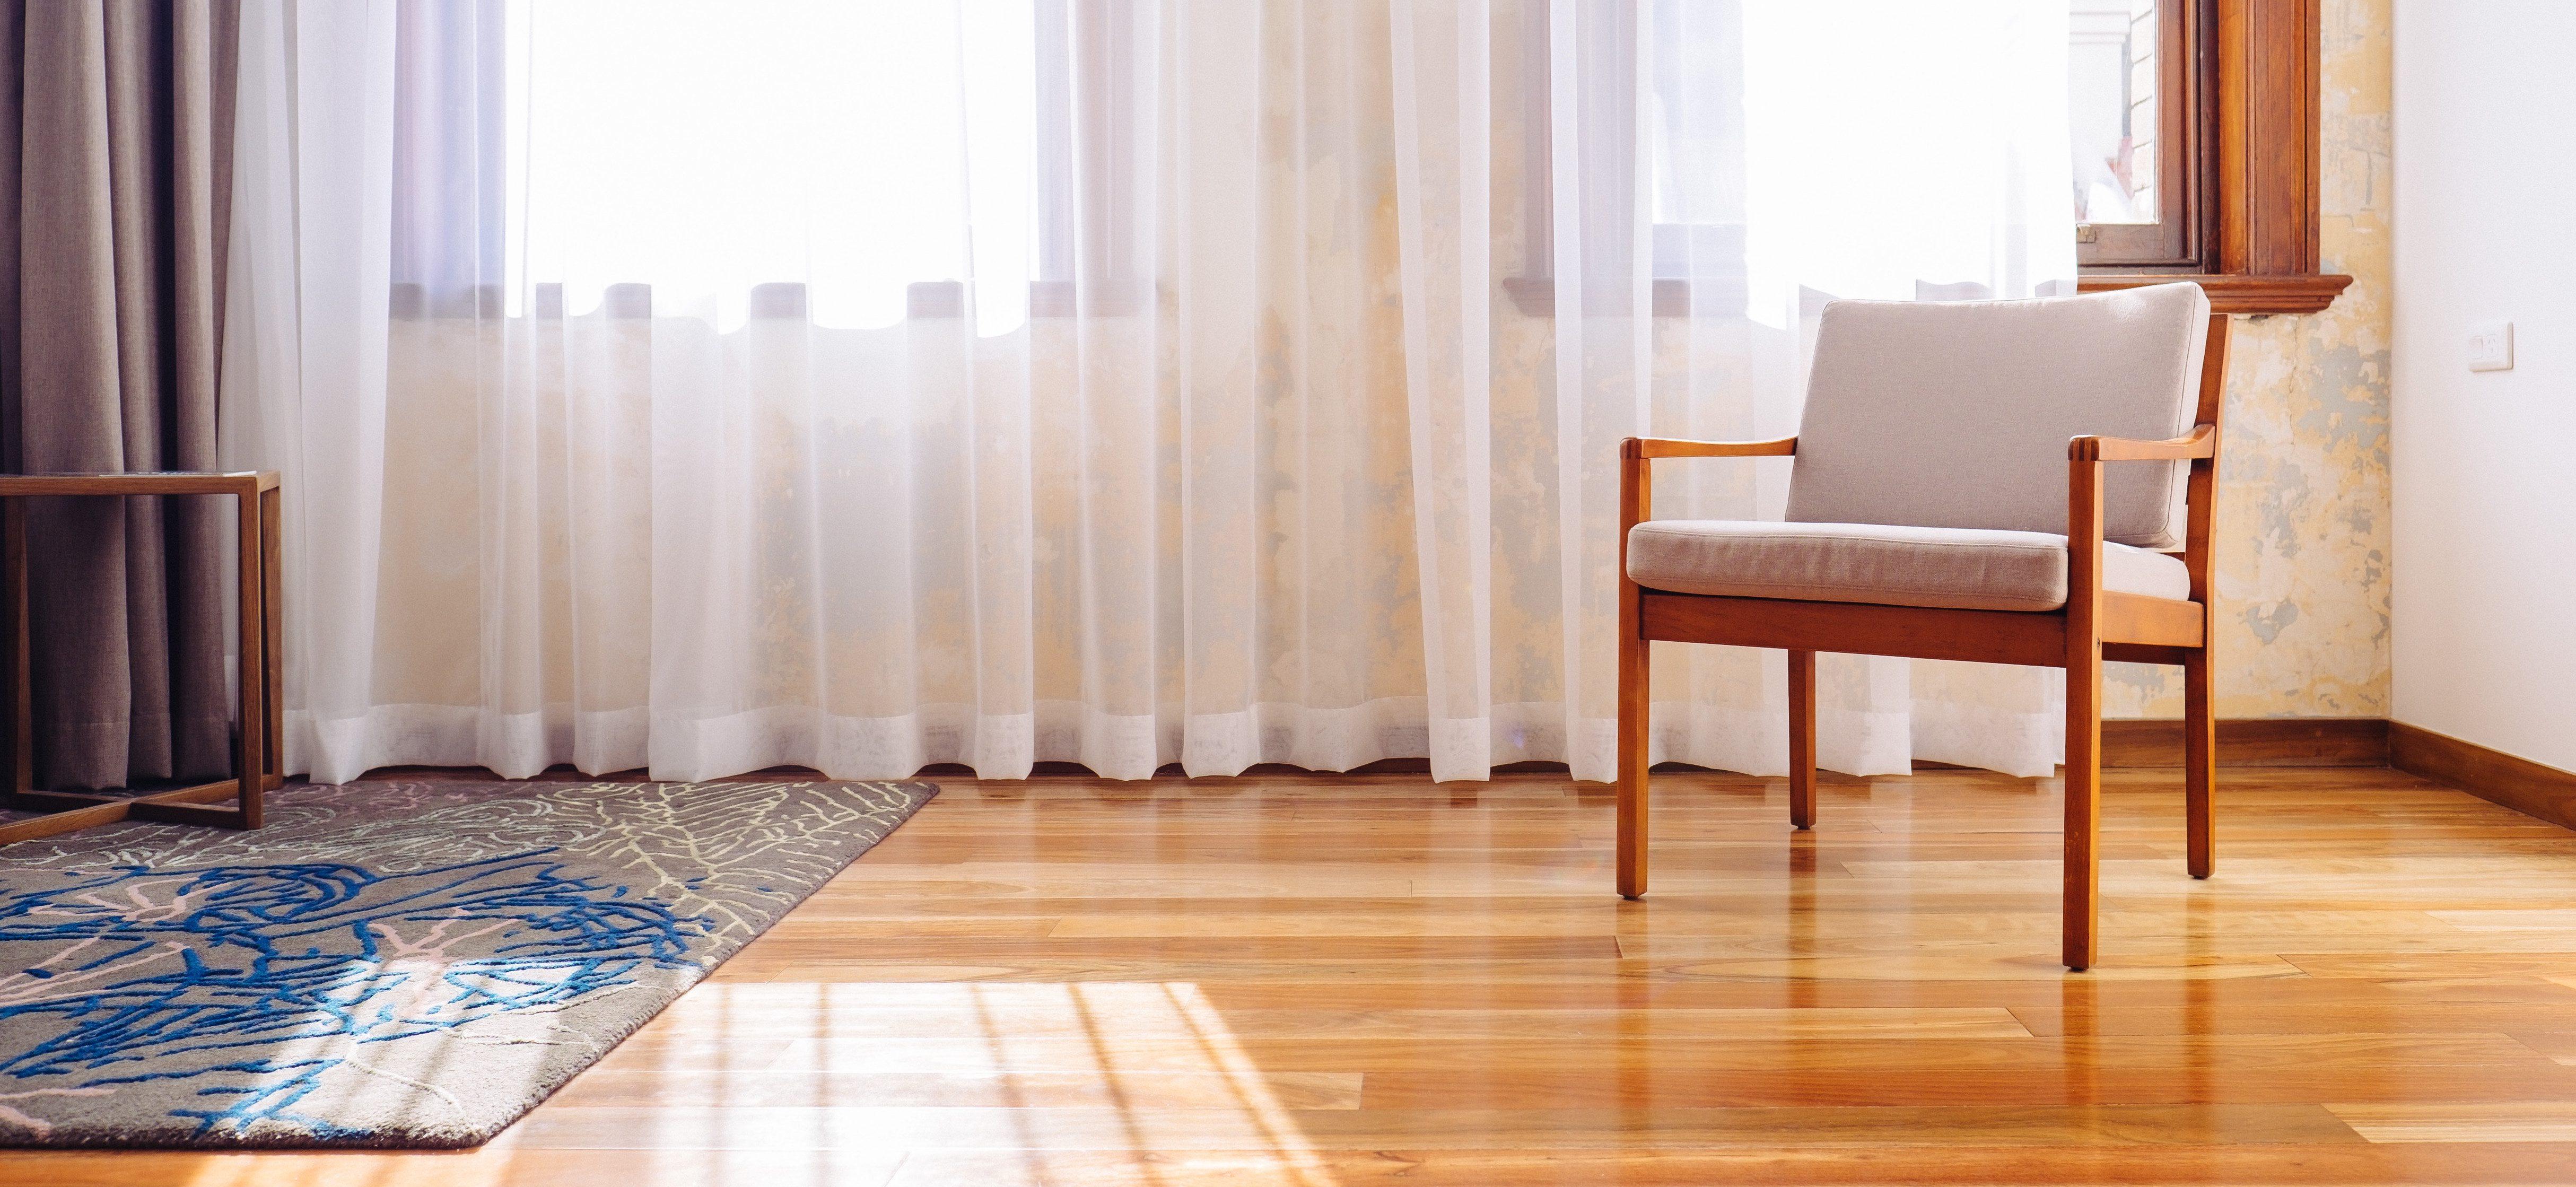 Möbel kaufen: Wofür solltest du mehr ausgeben und wofür nicht?